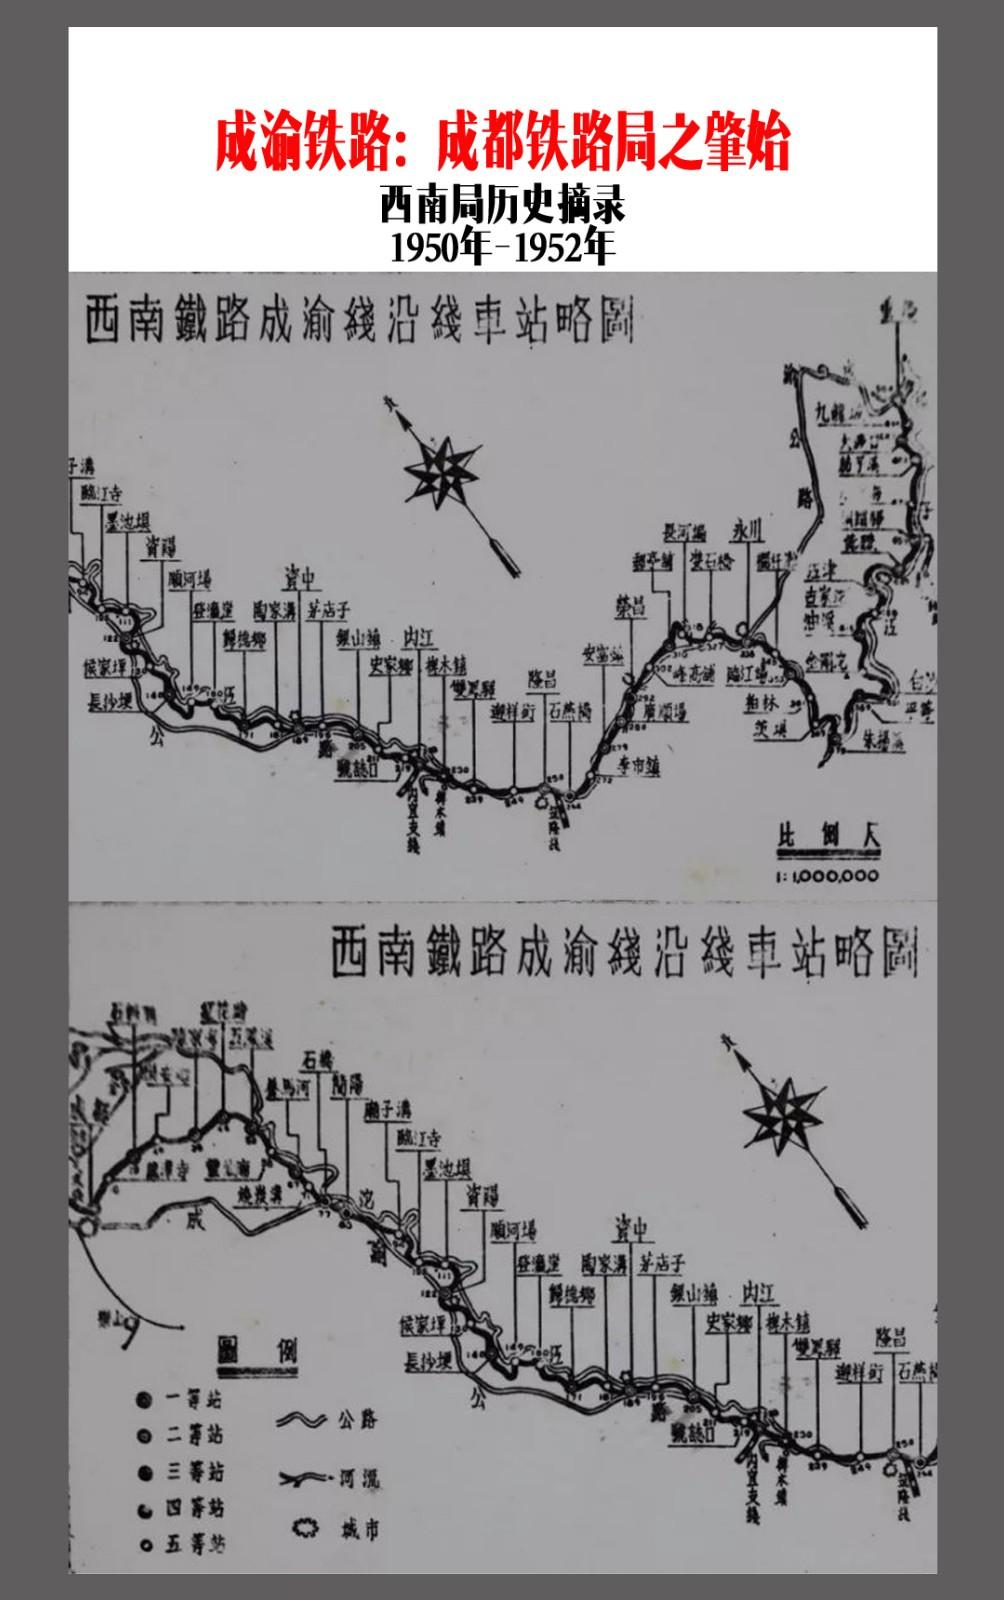 【龙门阵】转|西南局历史摘录三「成渝铁路